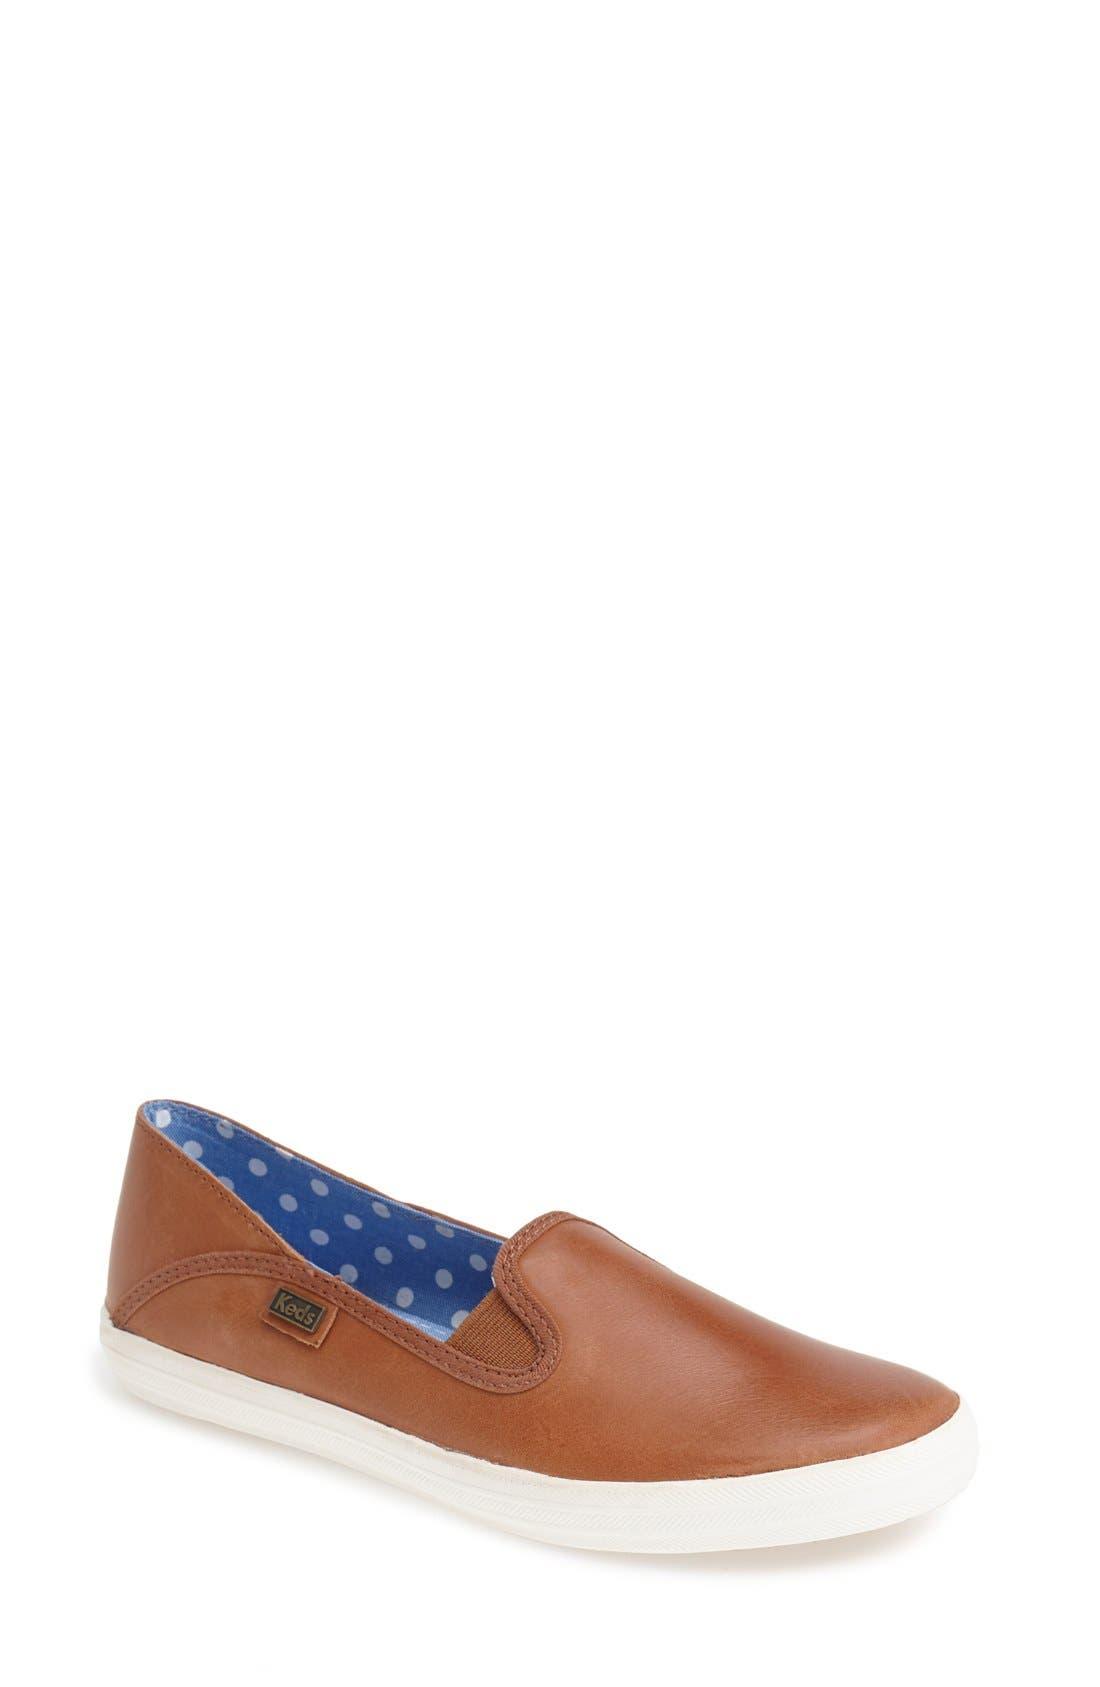 Main Image - Keds® 'Crashback' Leather Slip-On (Women)